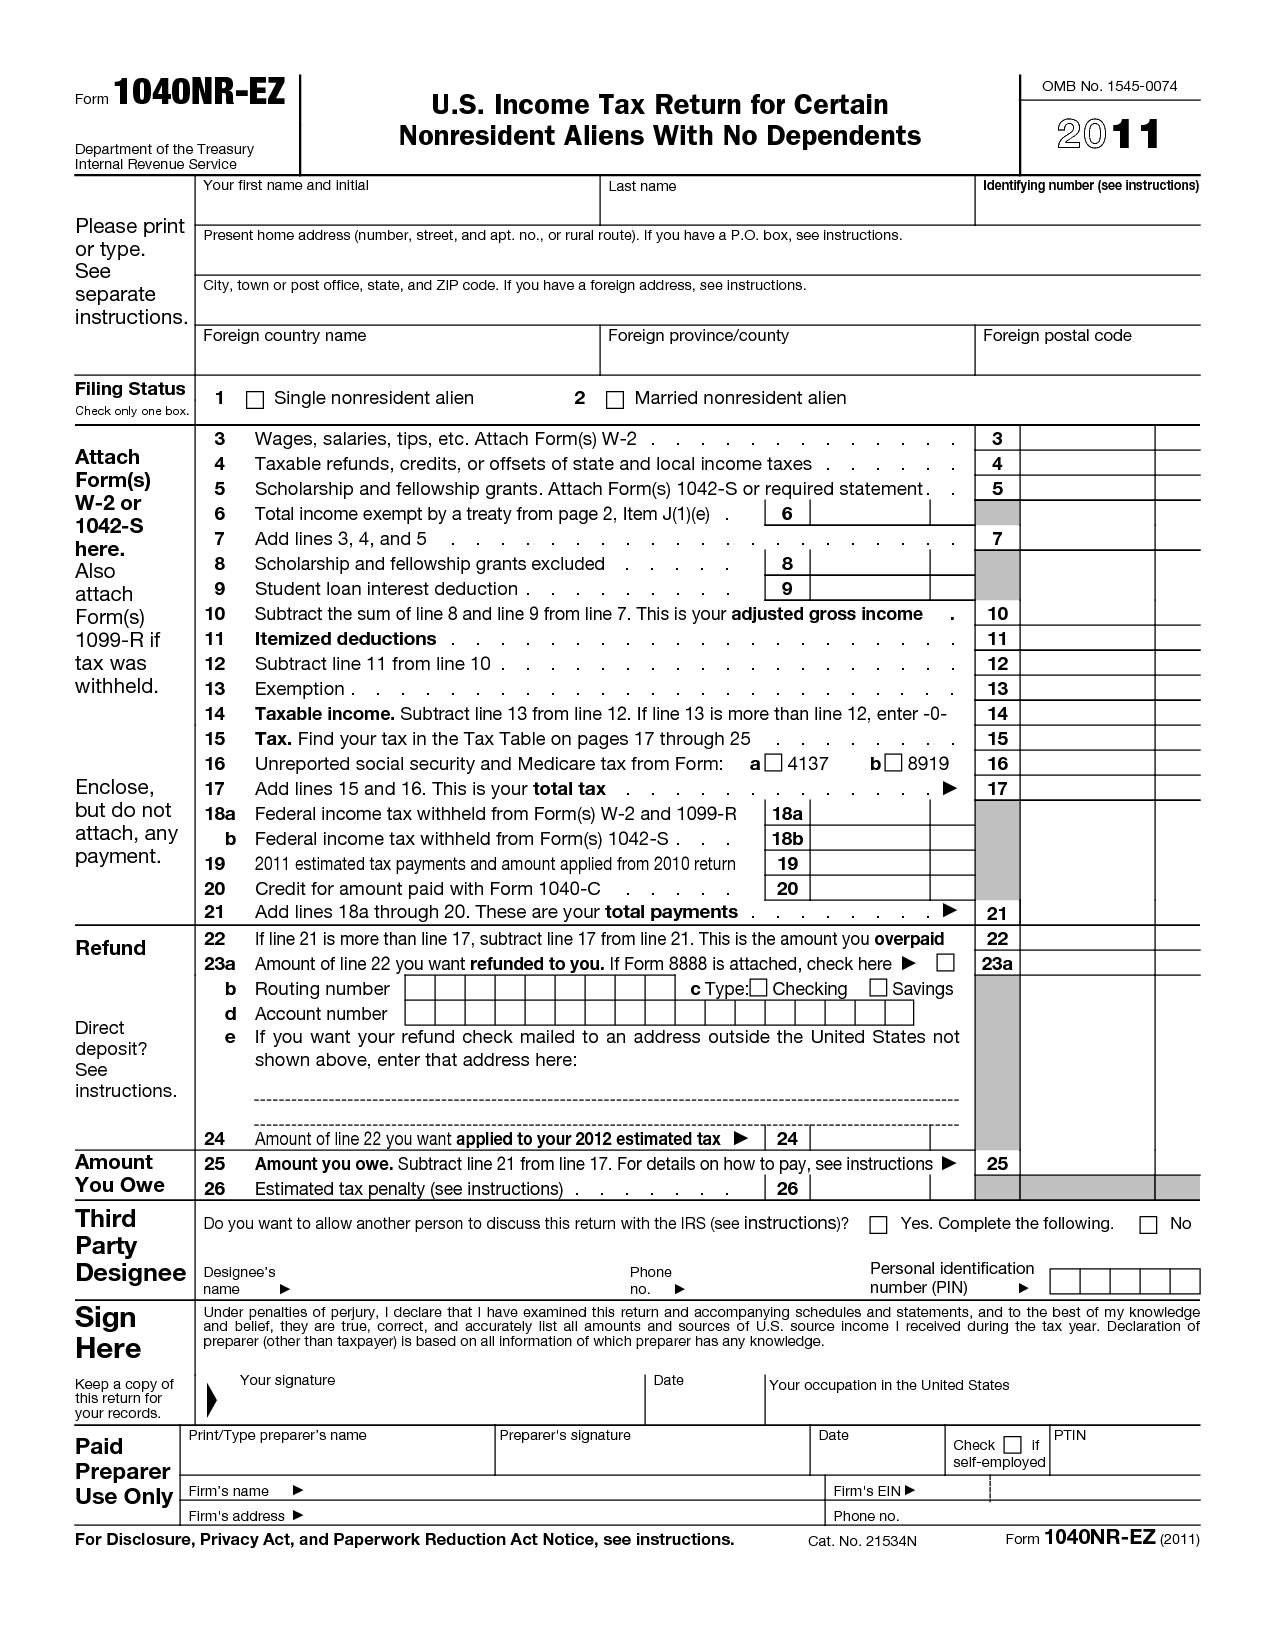 Ez File Tax Return